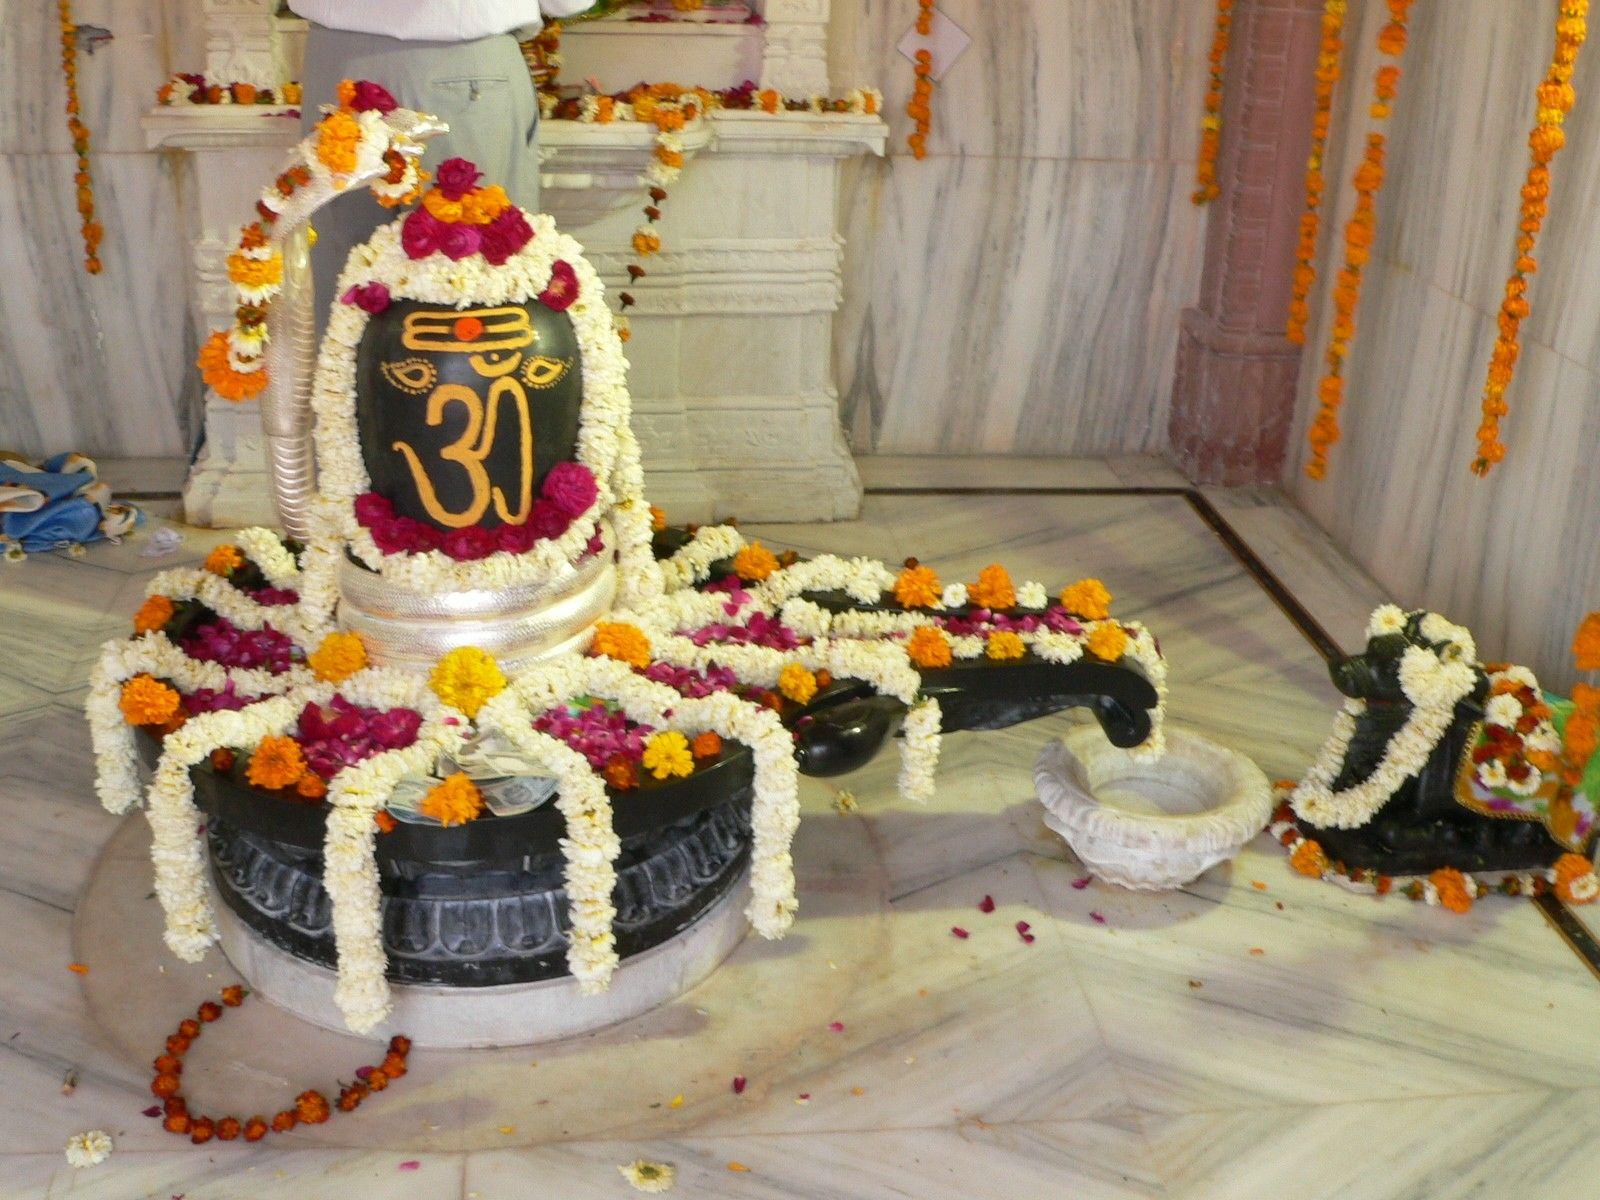 Shiv Mahadev Lord Shiva mahadev lingam hd wallpaper World HD 1600x1200